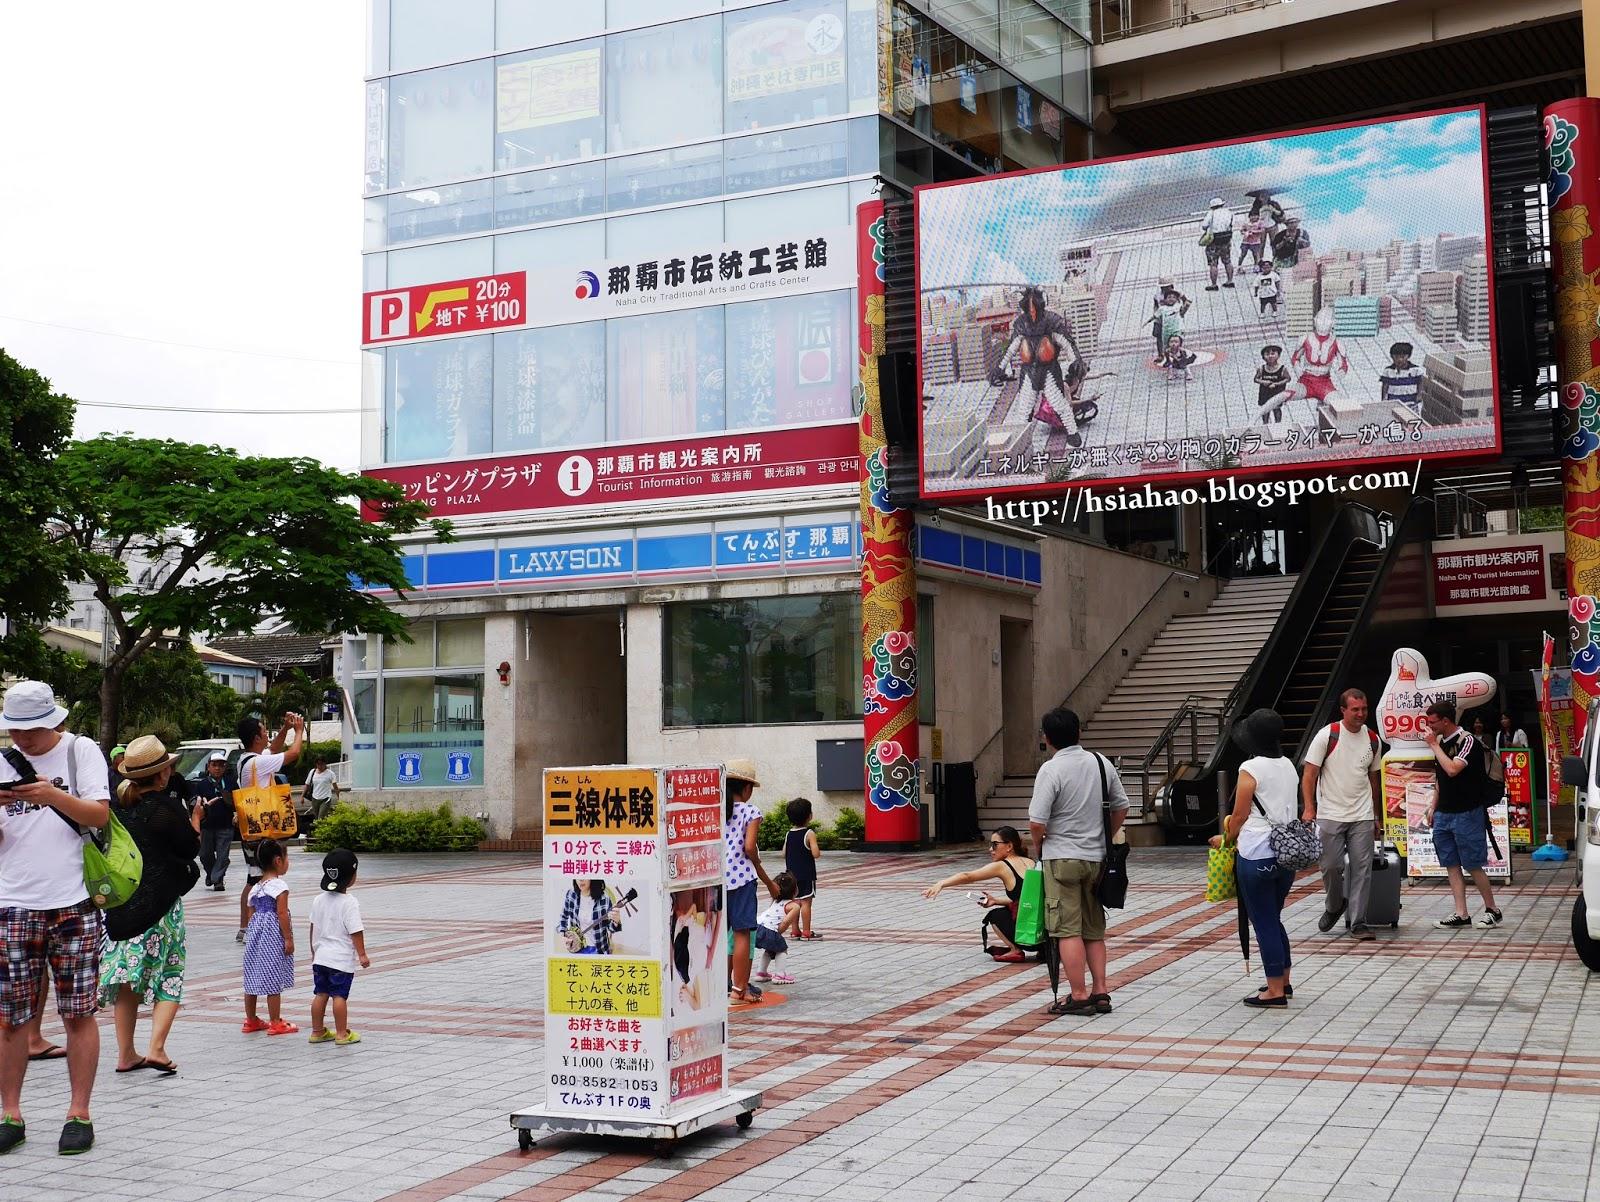 沖繩-國際通-觀光案內所-逛街-景點-自由行-Okinawa-kokusaidori